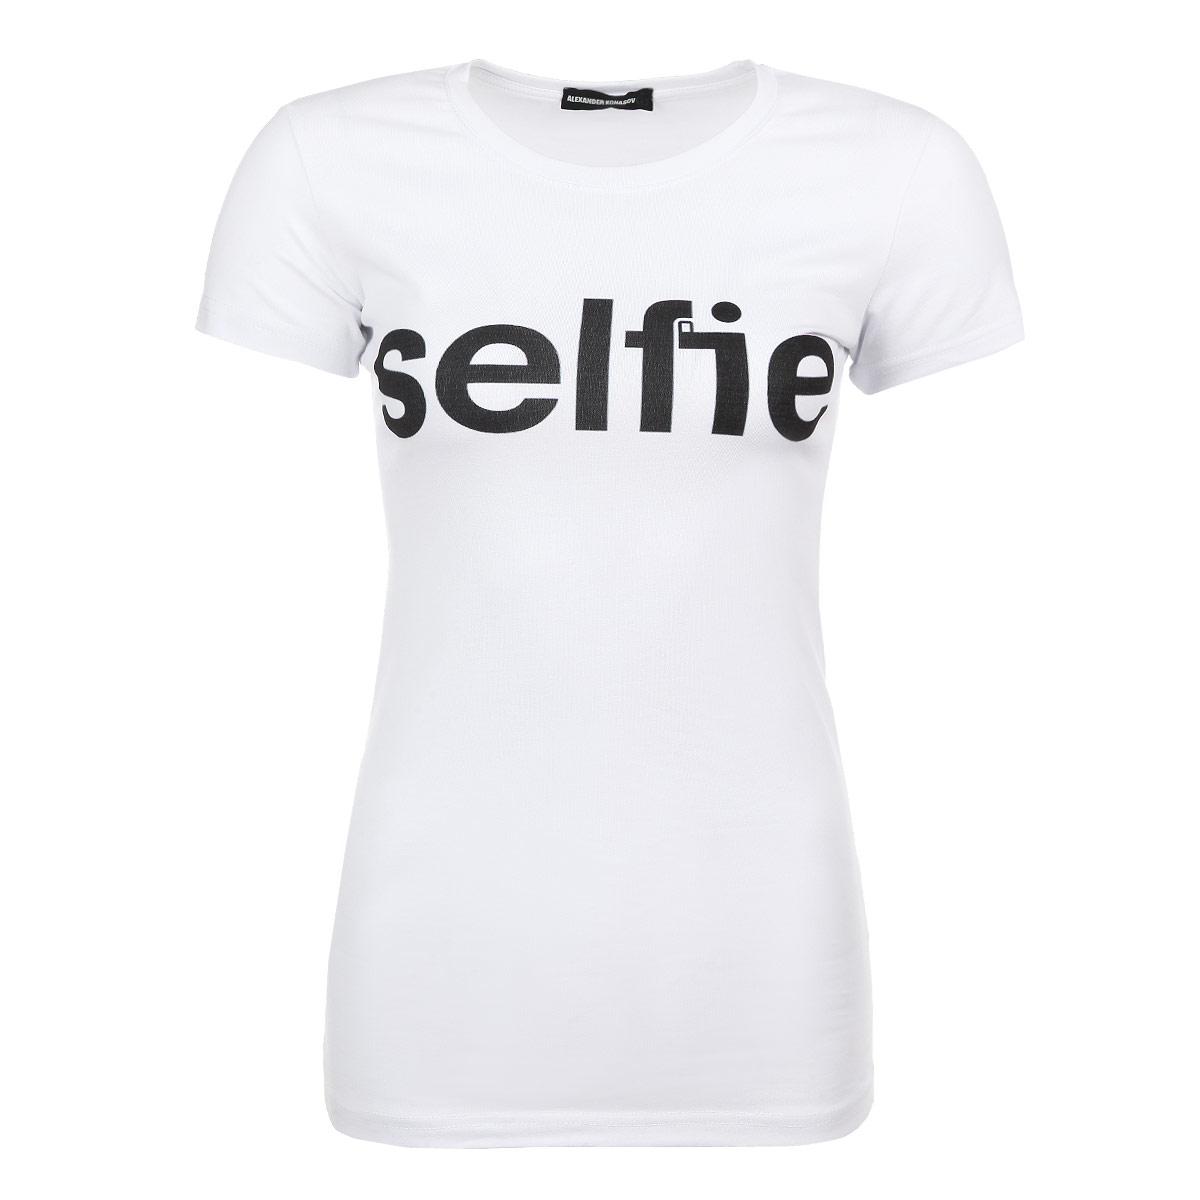 ФутболкаSelfieСтильная женская футболка Alexander Konasov, выполненная из высококачественного мягкого хлопка с небольшим добавлением лайкры, обладает высокой теплопроводностью, воздухопроницаемостью и гигроскопичностью, позволяет коже дышать. Модель с короткими рукавами и круглым вырезом горловины спереди оформлена принтовой надписью Selfie. Эта футболка - идеальный вариант для создания эффектного образа. Все изделия бренда Alexander Konasov кроятся только по лекалам из высококачественной ткани, идеально сидят на фигуре, после стирки не деформируются.